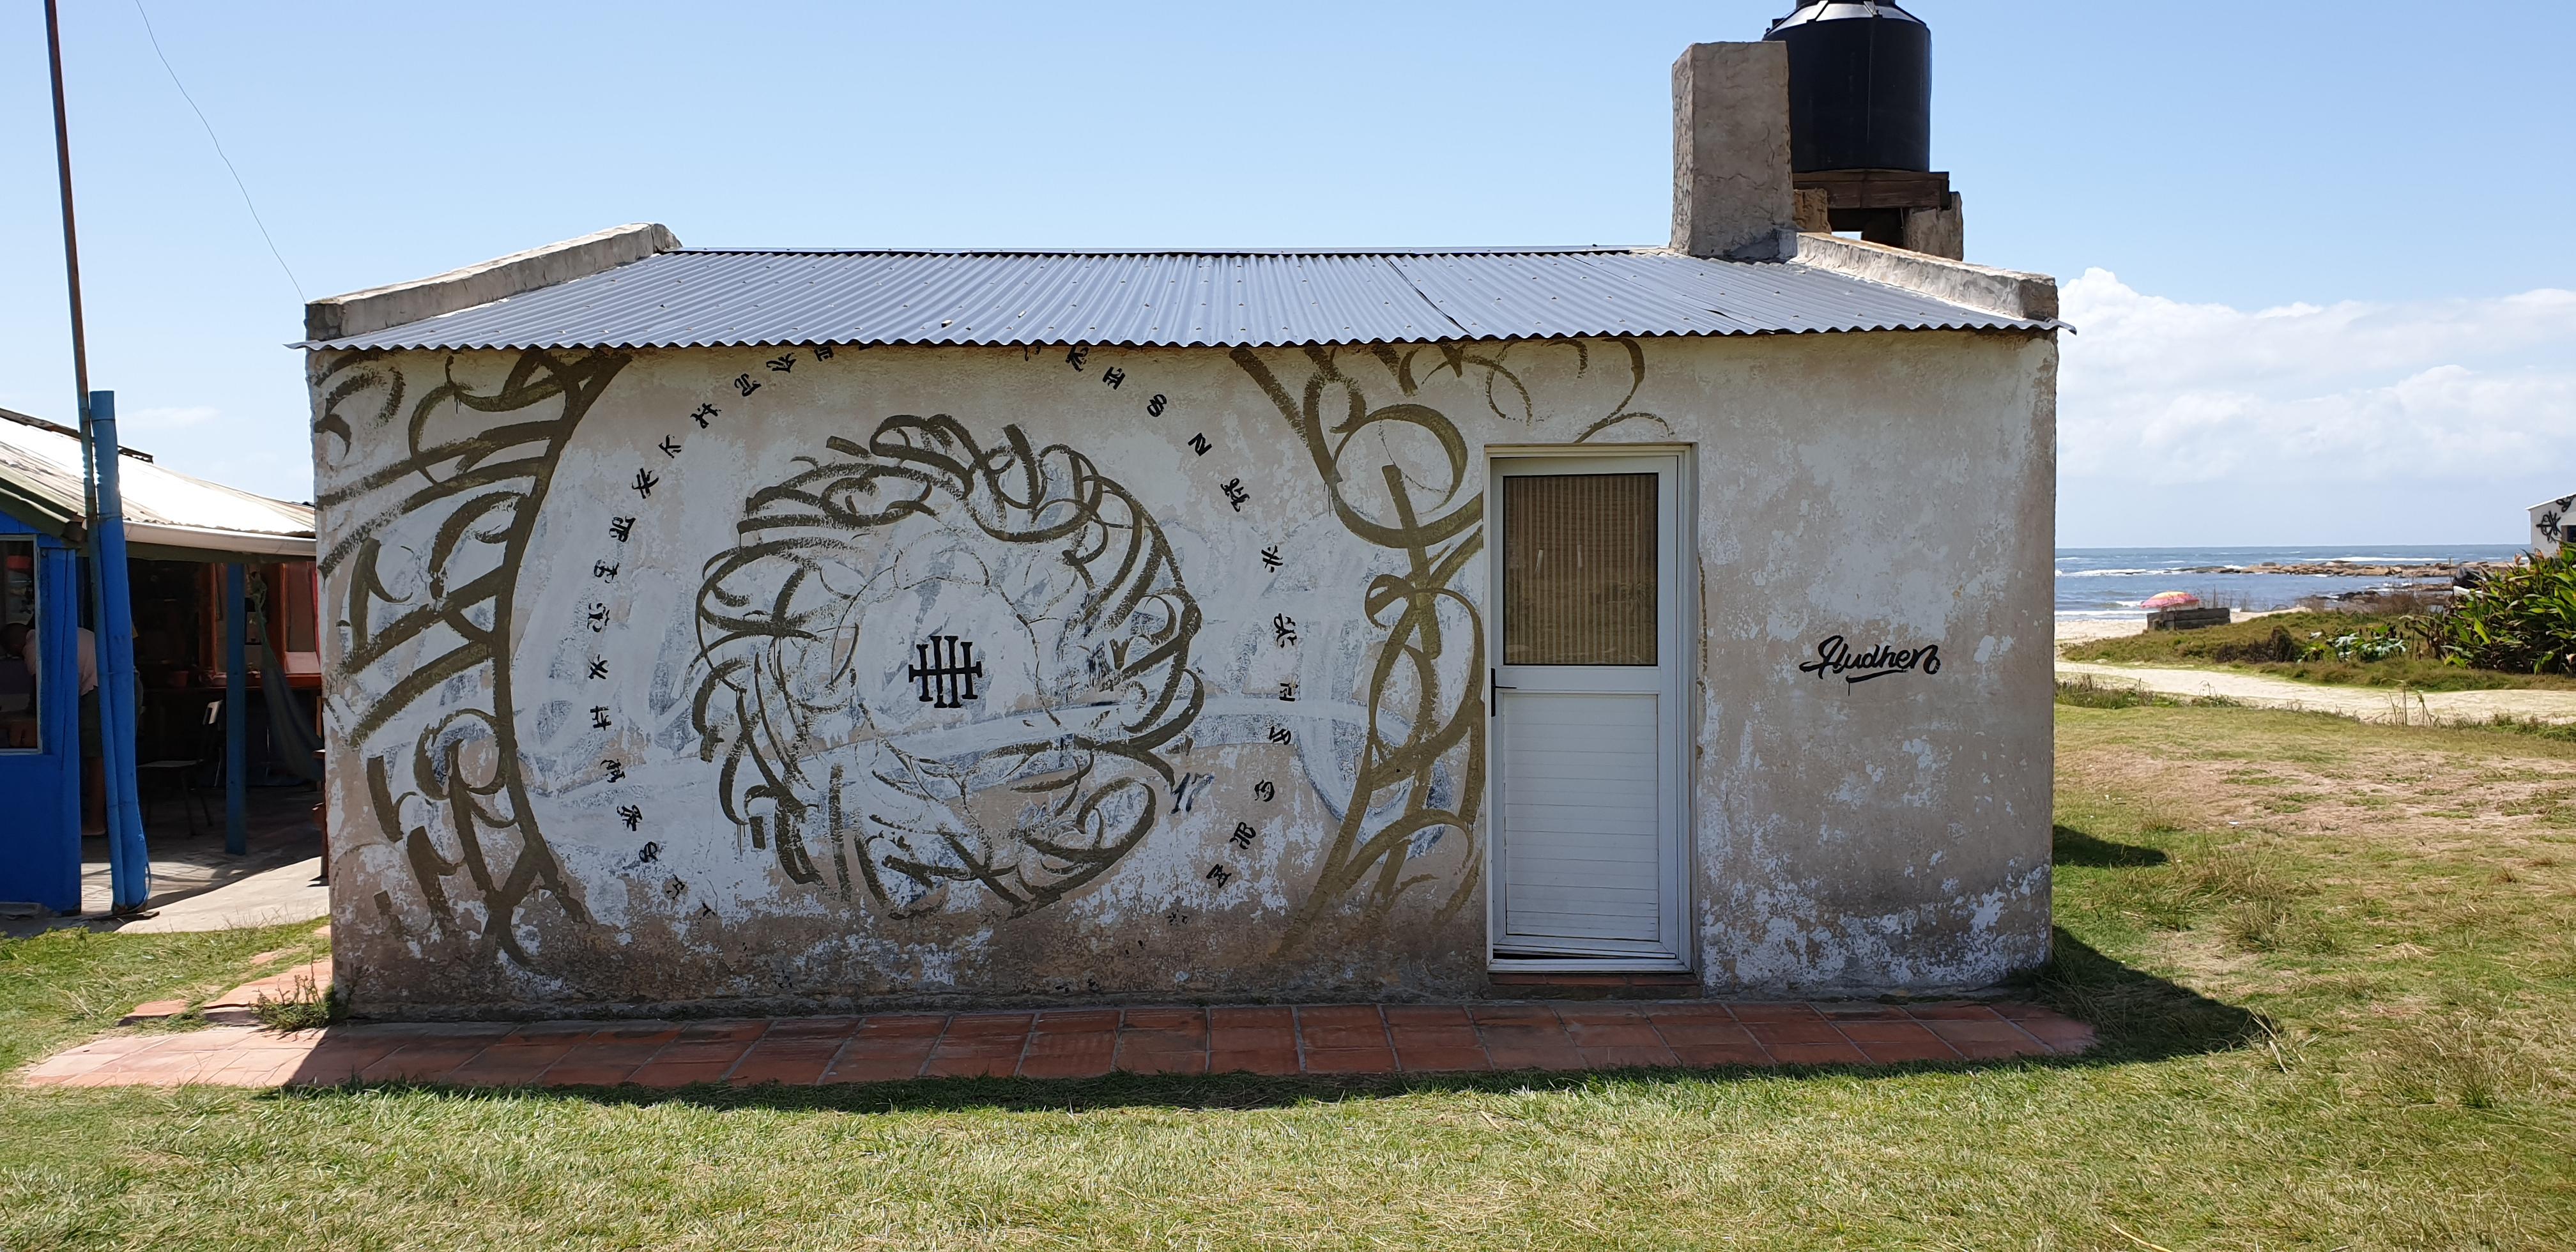 Mur réalisé par Hudson Henrique - Cabo Polonio - Uruguay 2020 - ©nofakeinmynews.com